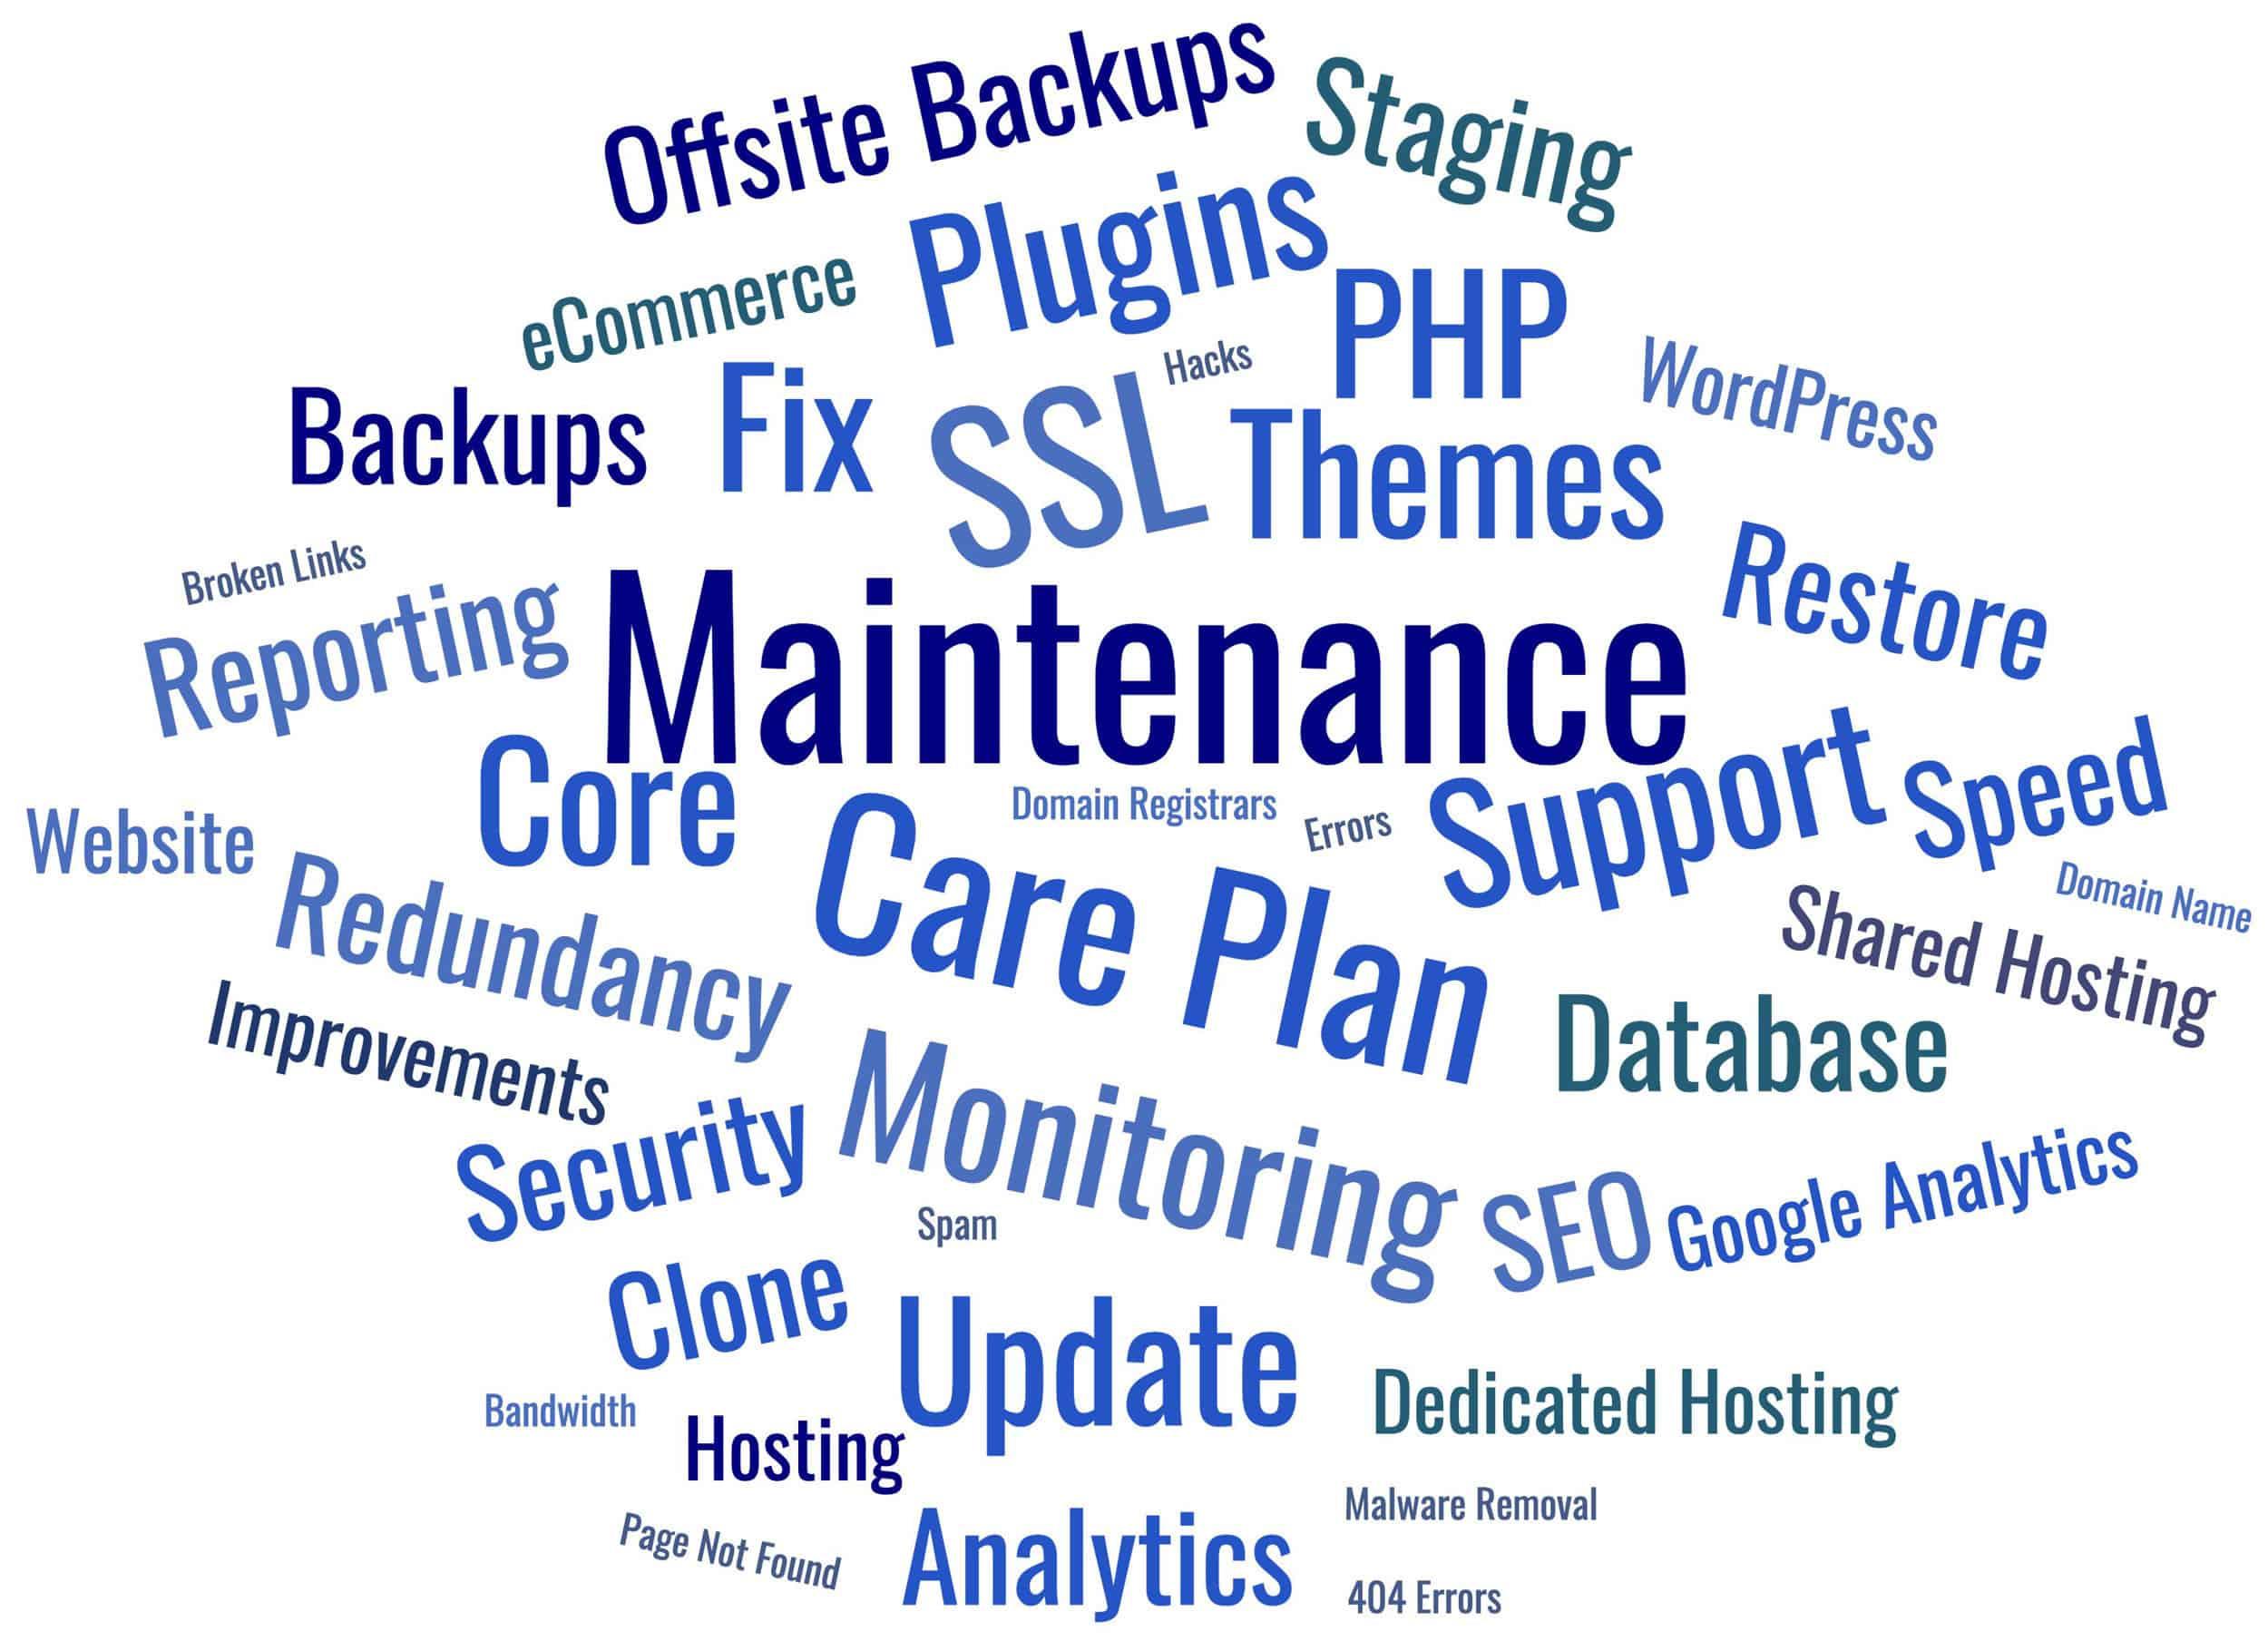 Words describing Website Maintenance - Updates, Backups, Security, Monitoring, Staging, Restore, Offsite Backups, Hosting